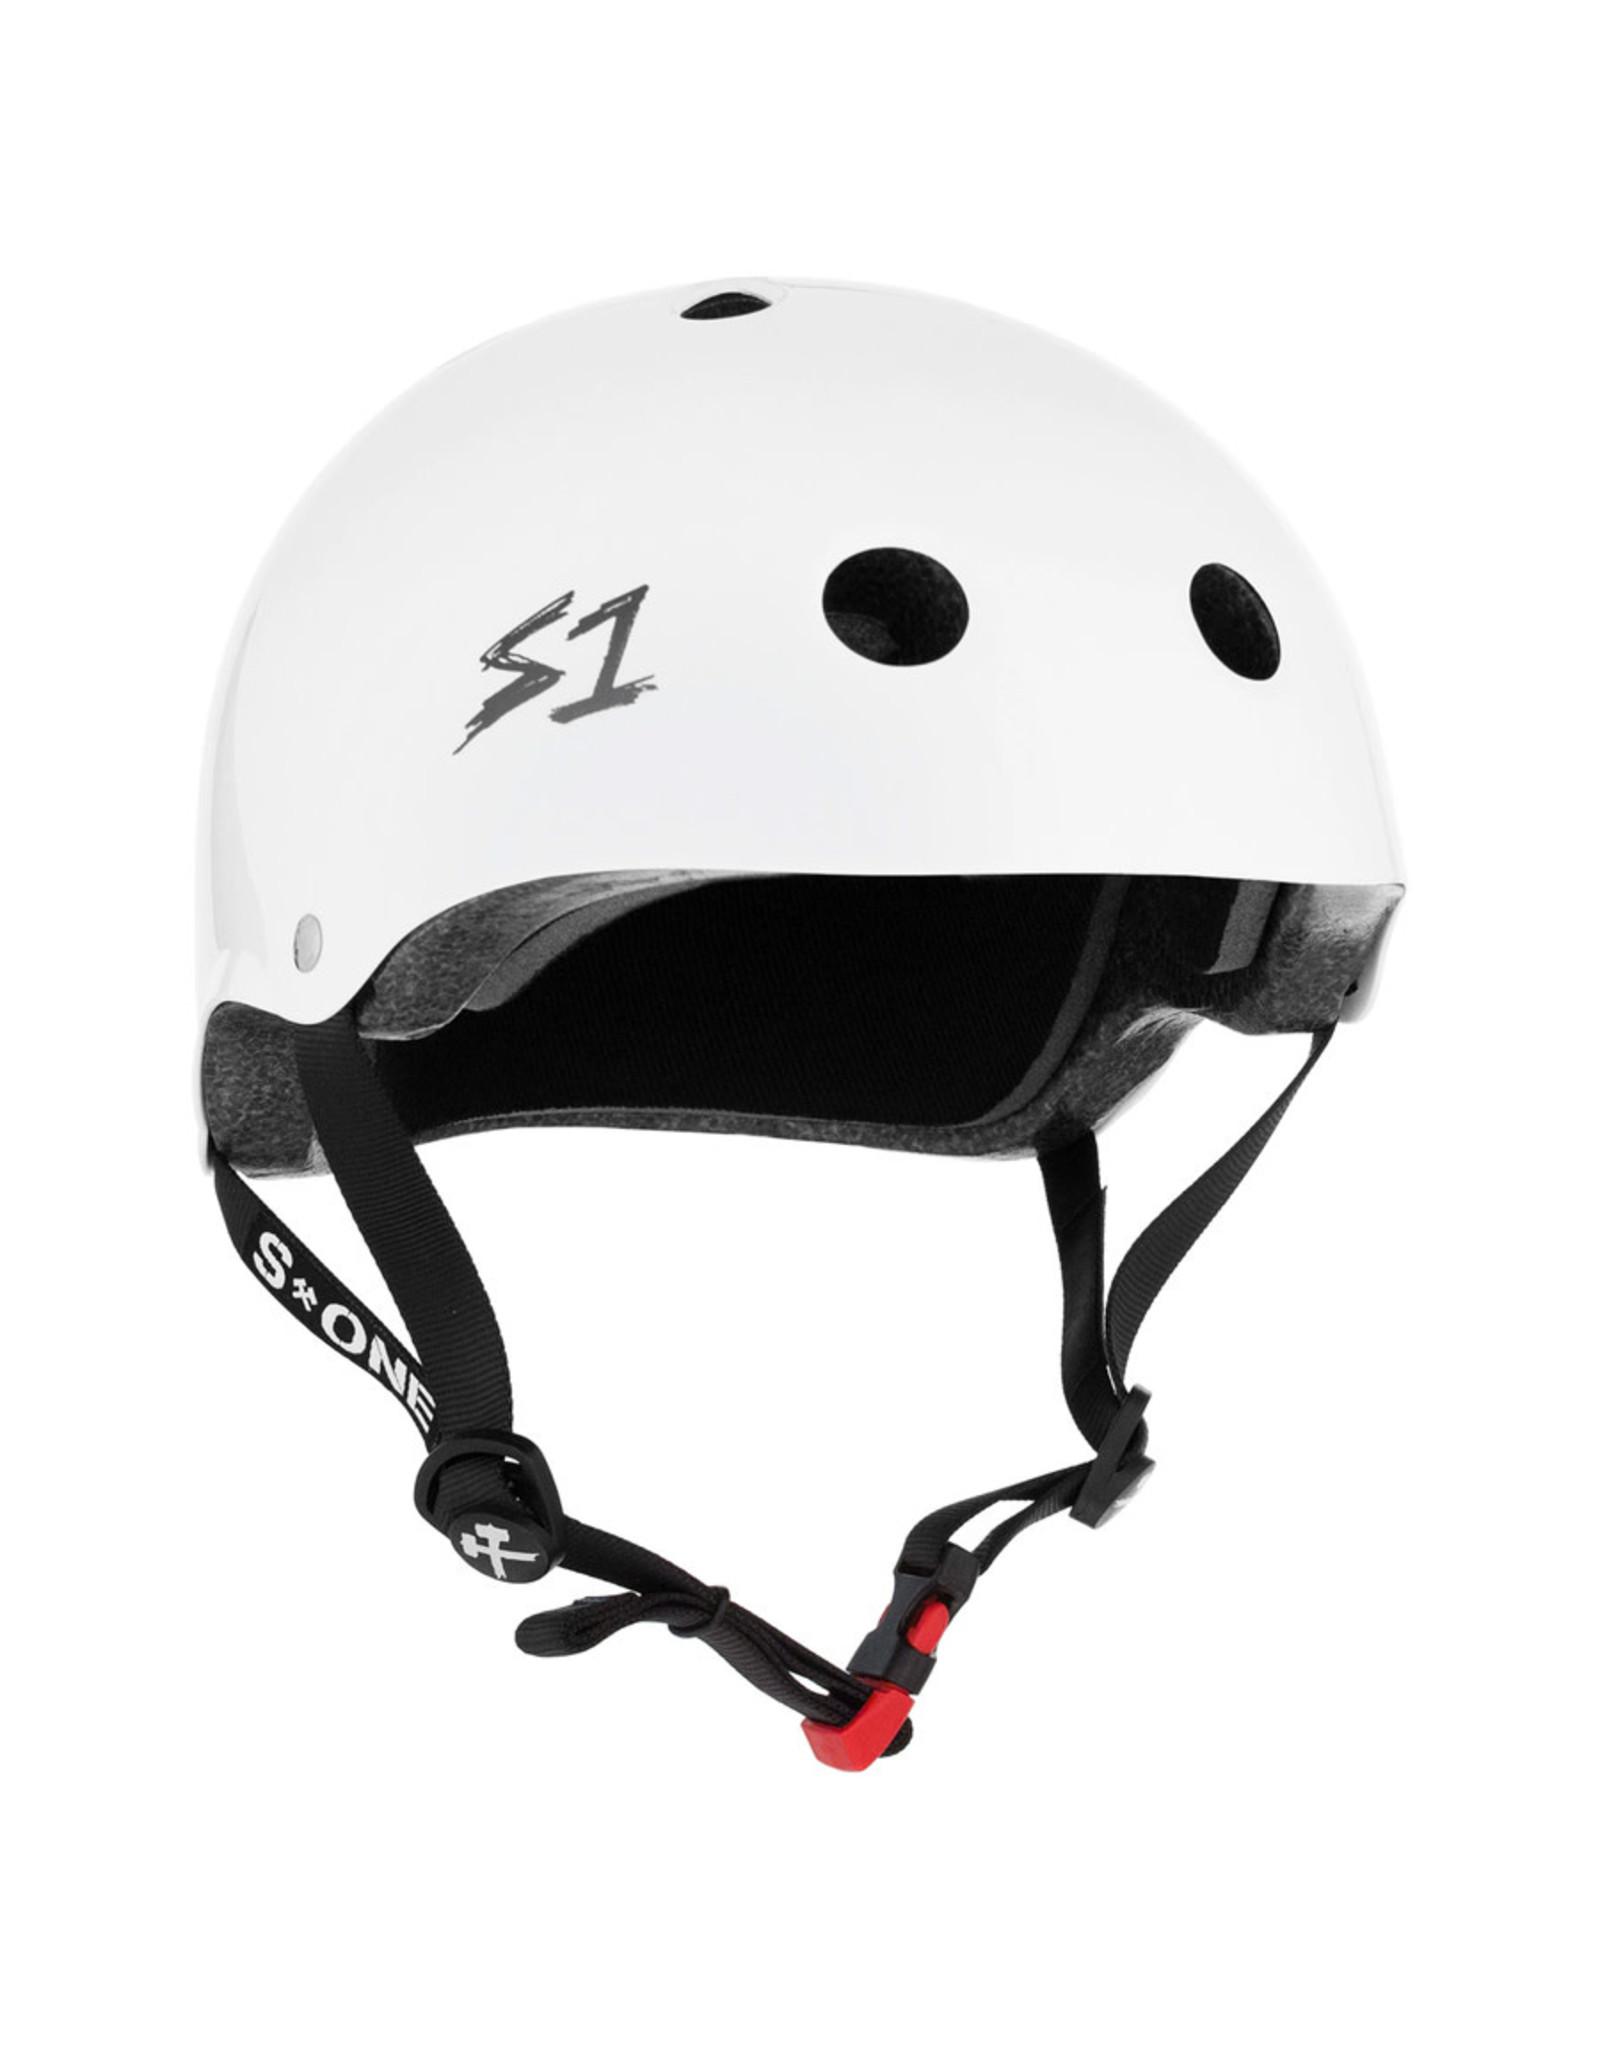 S-One S-One Helmet The Mini (Gloss White/Black Straps)